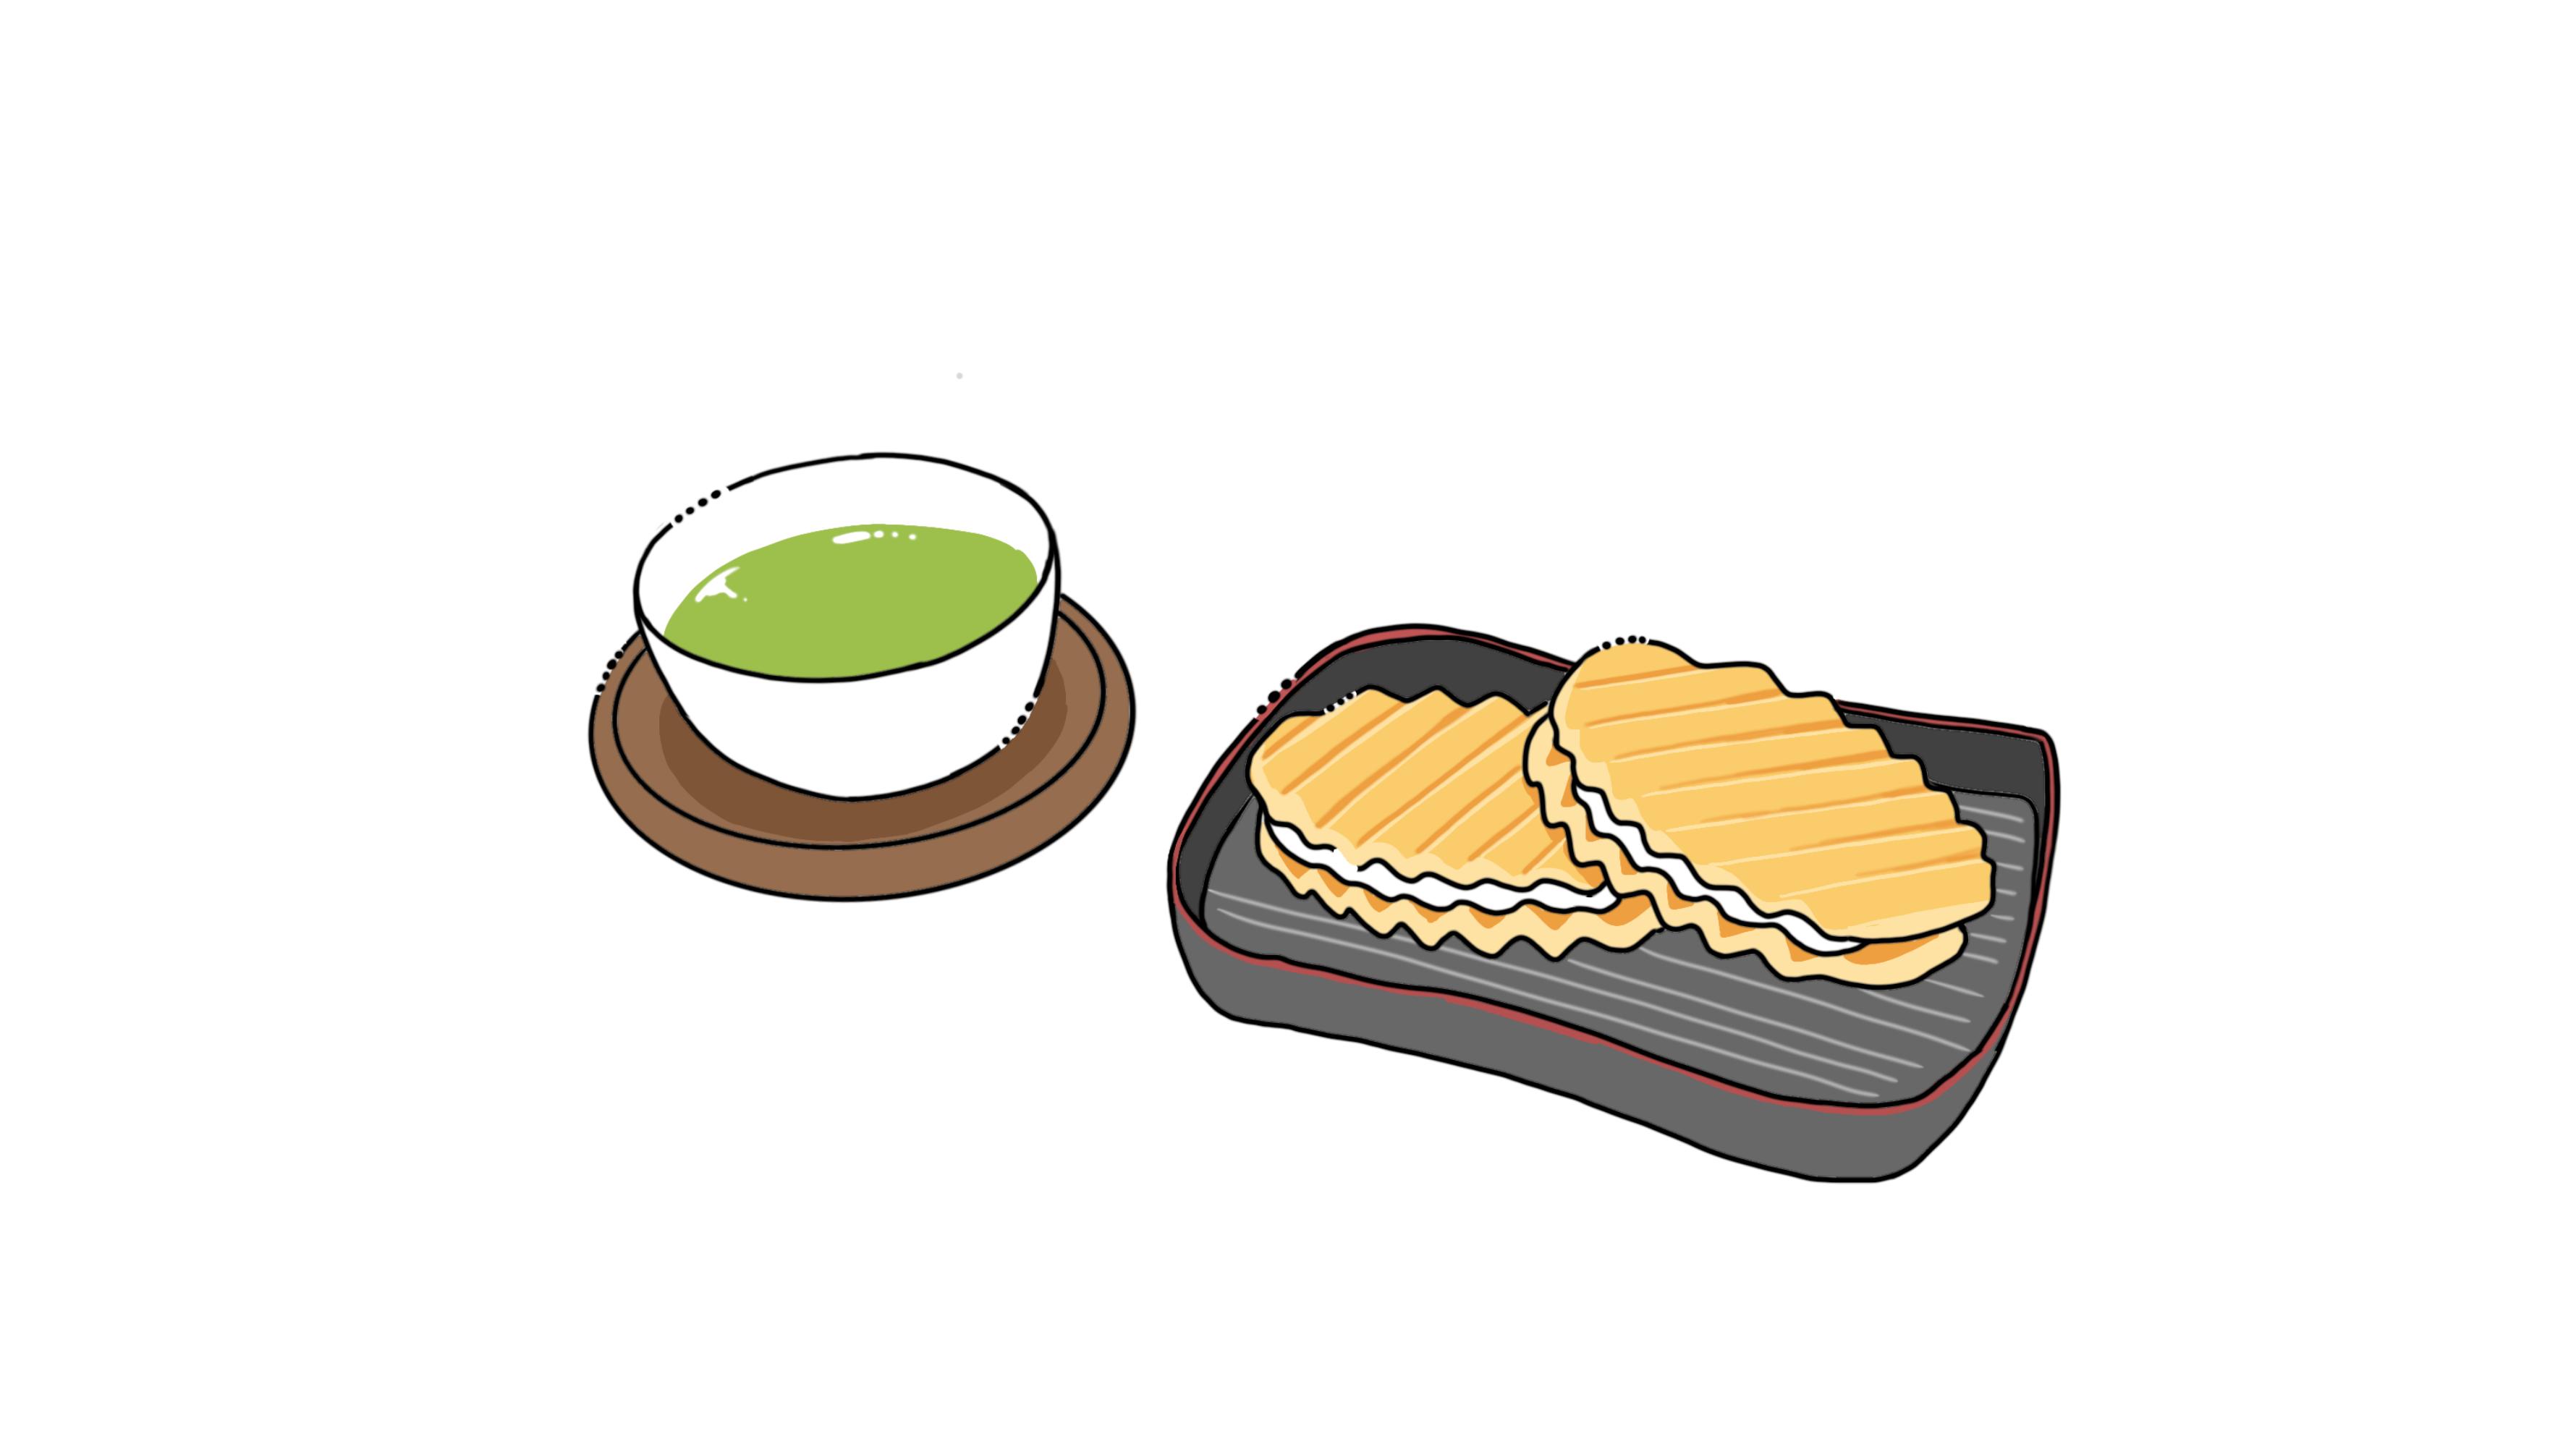 イラスト:旅館、茶菓子